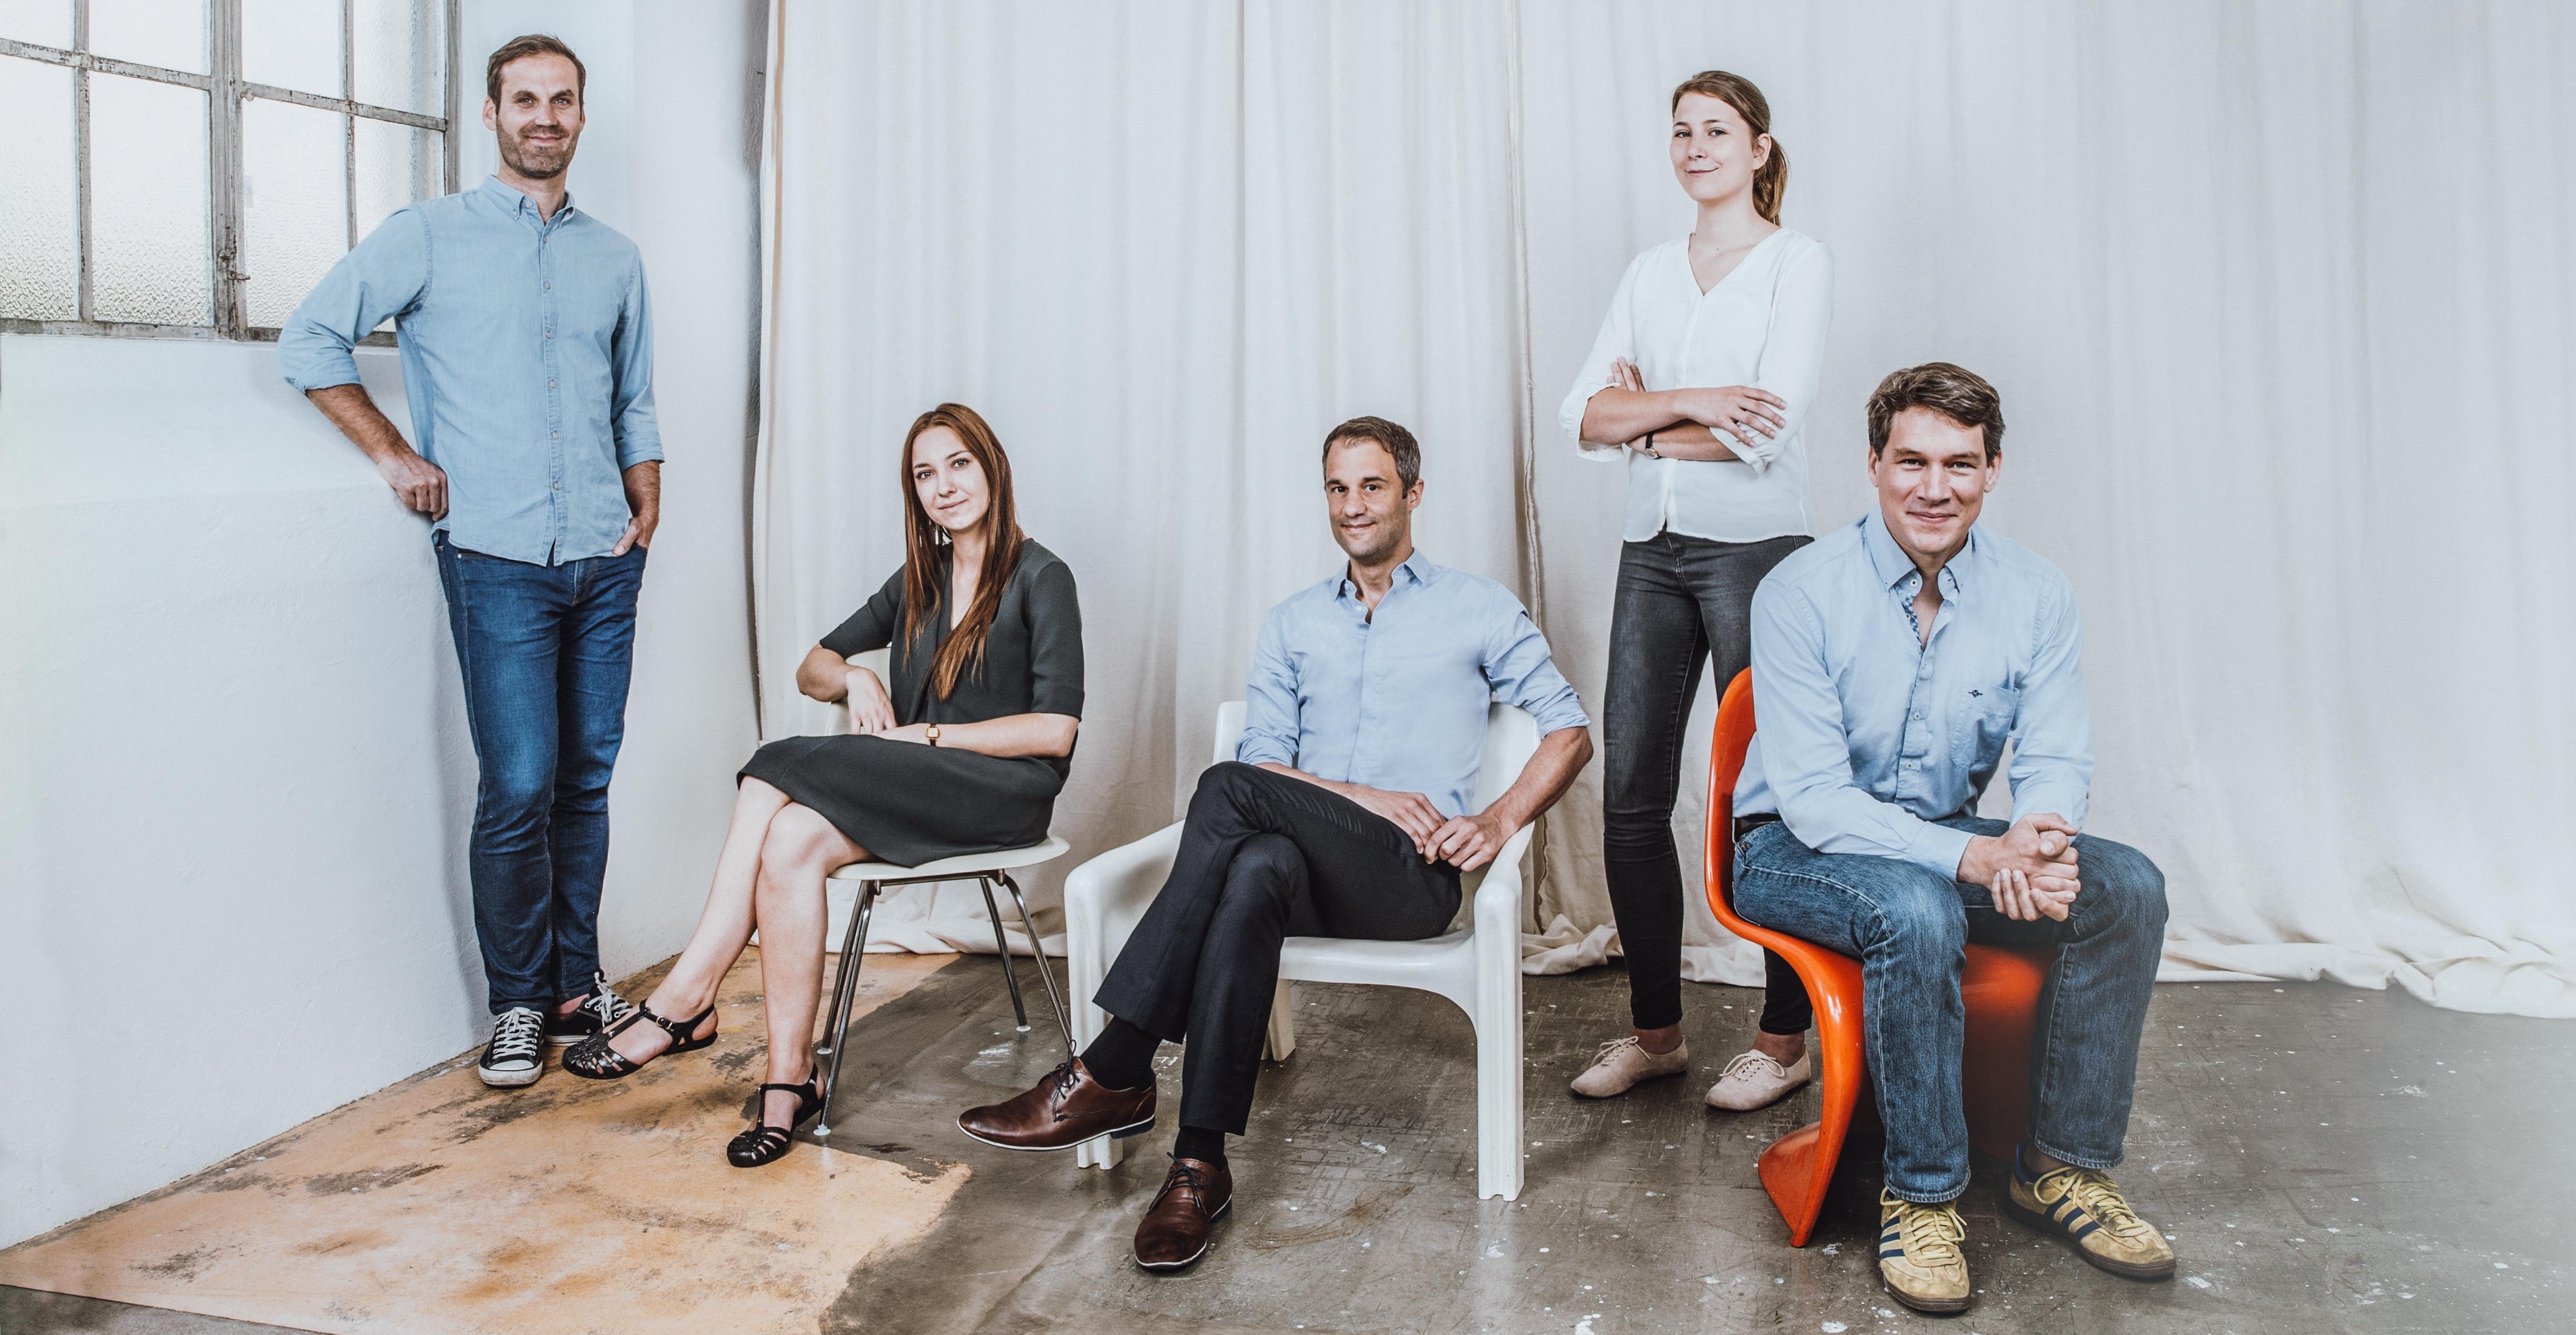 The Ava team